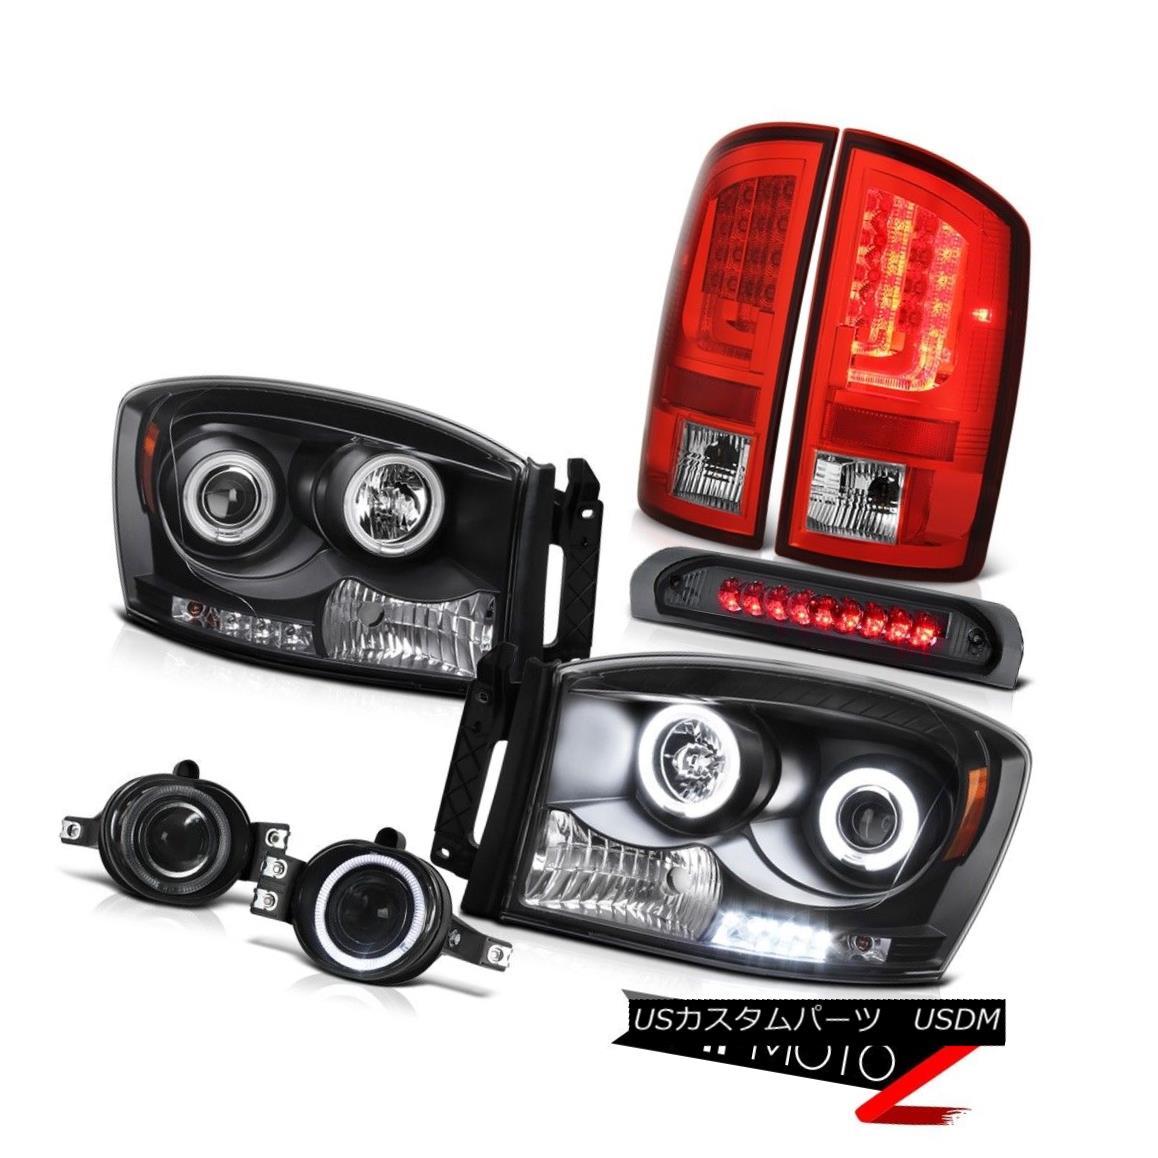 ヘッドライト 2006 Ram 4.7L Red Taillamps Headlamps Phantom Smoke Fog Lights 3RD Brake Lamp 2006ラム4.7Lレッドタイルランプヘッドランプファントムスモークフォグライト3RDブレーキランプ